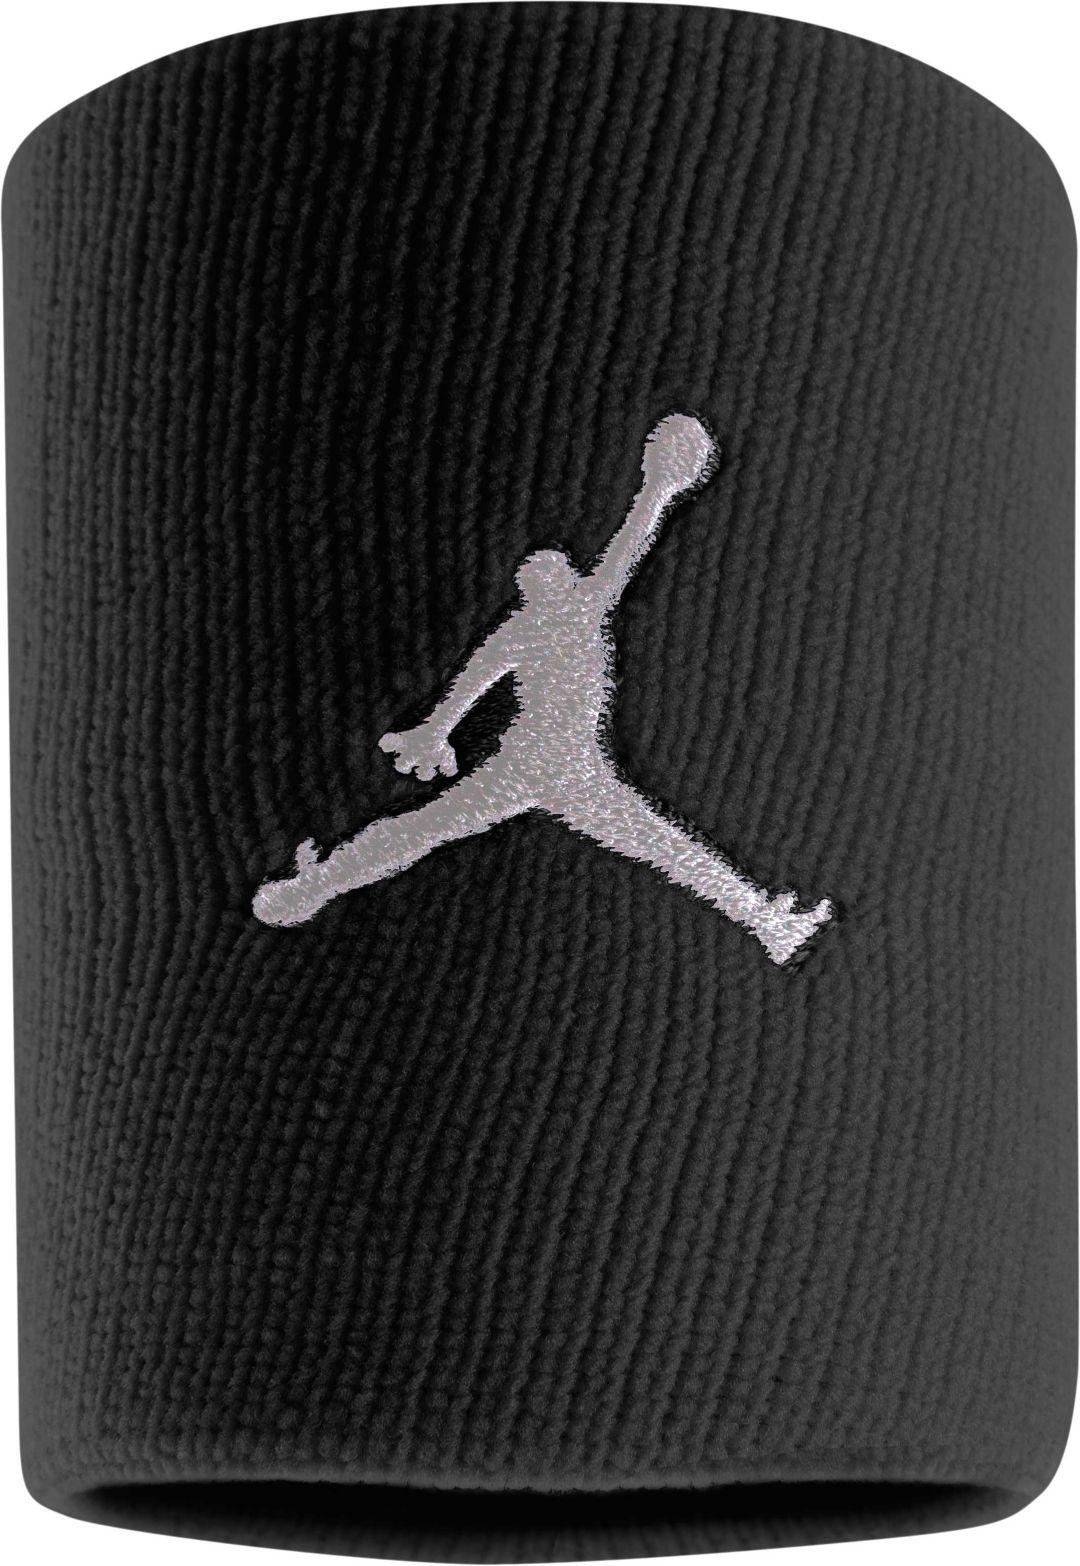 8fdd2d4184d6e Jordan Jumpman Wristbands